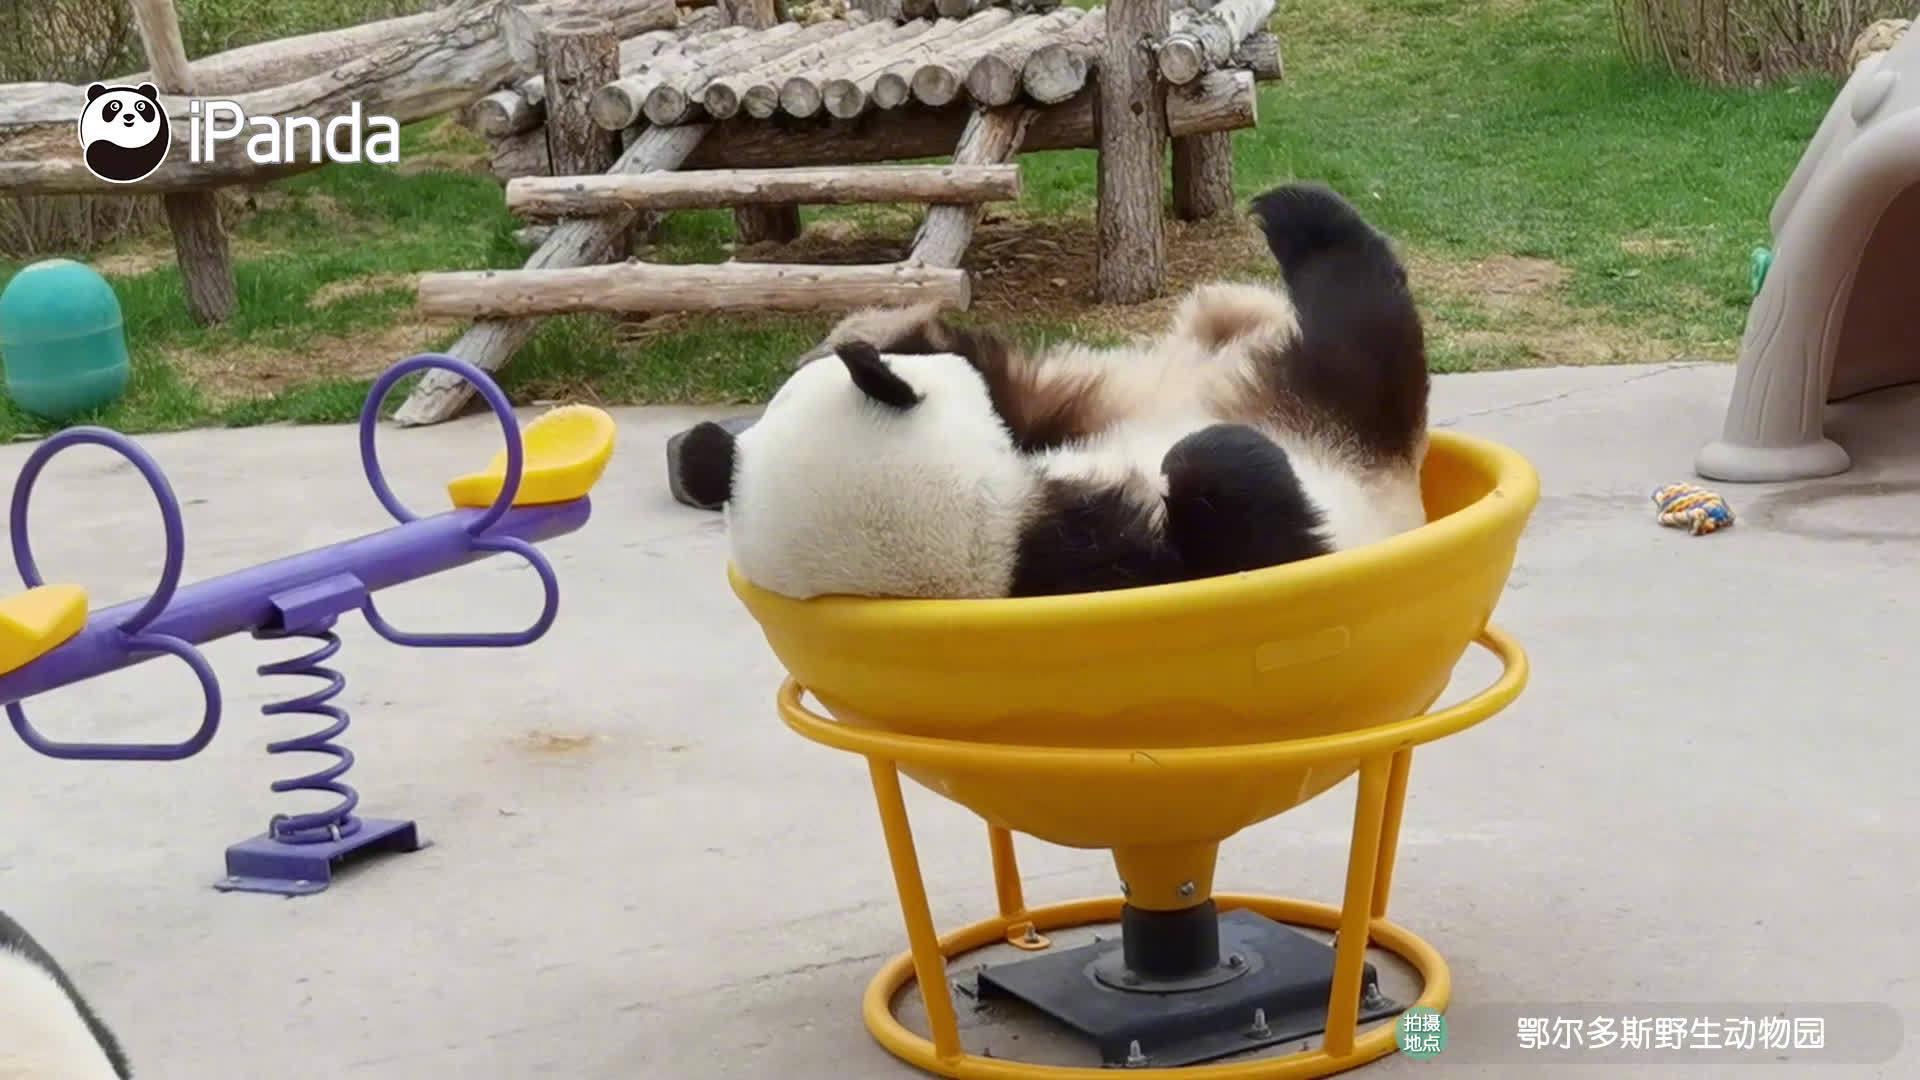 大熊猫直播带货有多拼?